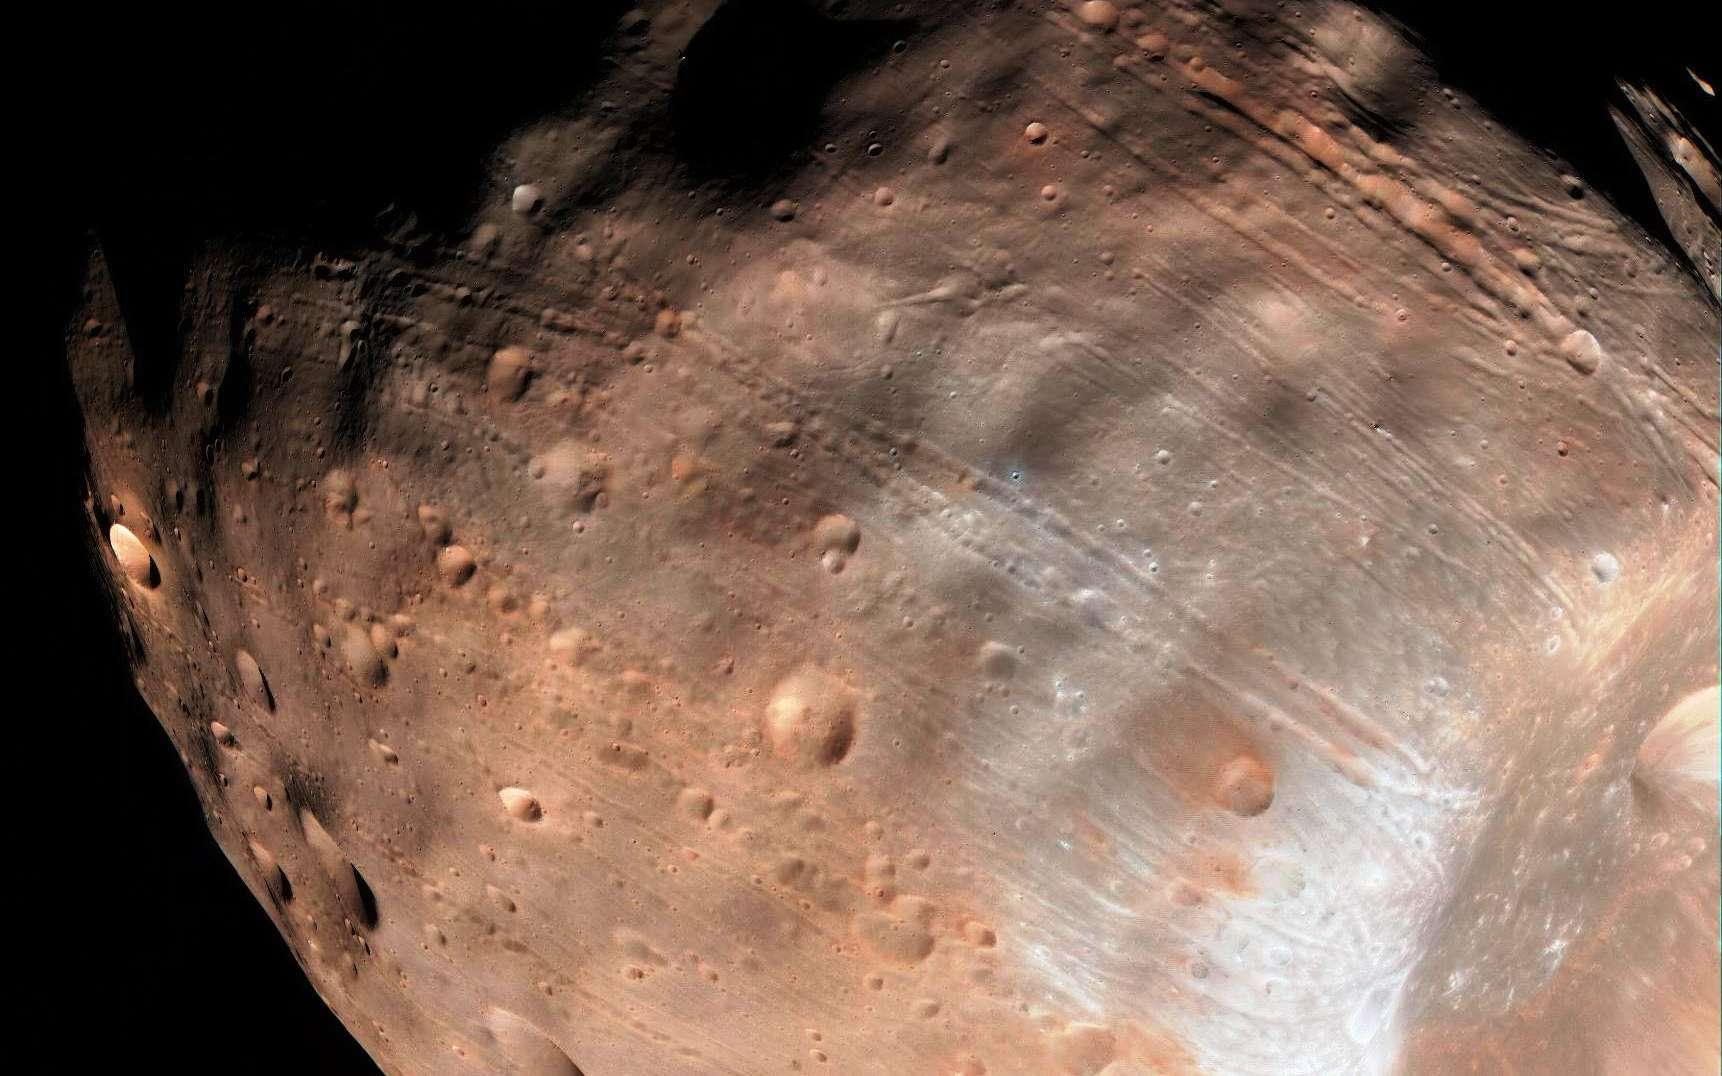 Phobos (27 x 22 x 18 km), l'une des deux petites lunes de Mars, n'est qu'à 6.000 km de la surface de la Planète rouge. Comme le montre cette photo, elle présente un curieux réseau de sillons à sa surface. © Nasa, JPL-Caltech, University of Arizona